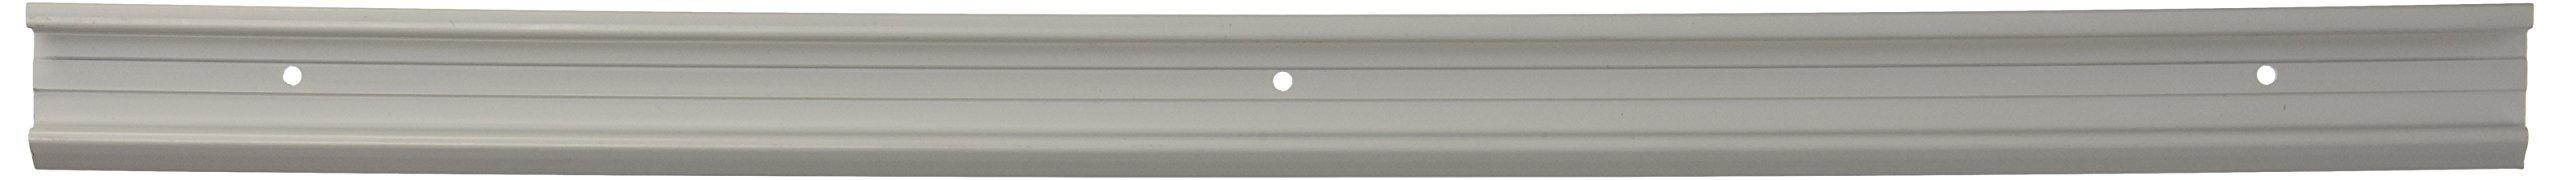 Frigidaire 5304472361 Air Conditioner Retainer Unit by Frigidaire